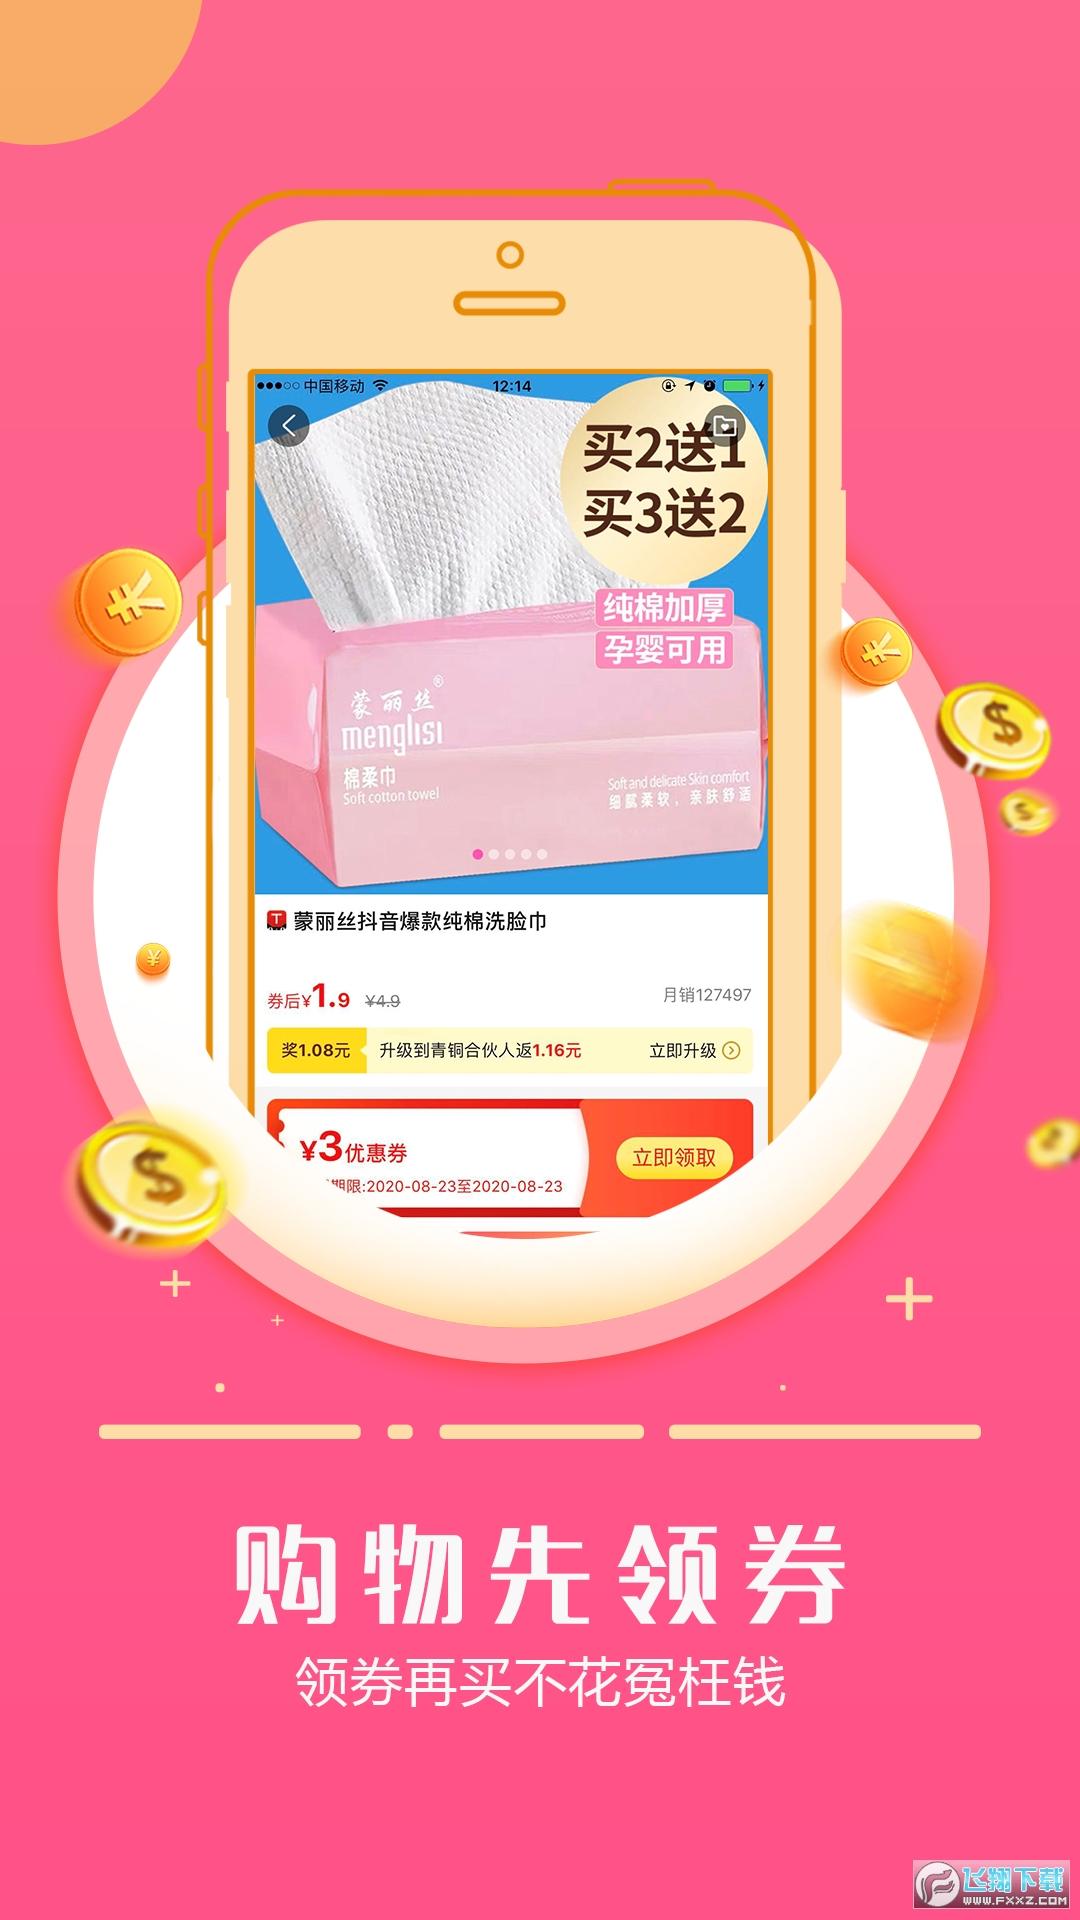 返利日记省钱购物appv4.3.0安卓版截图0